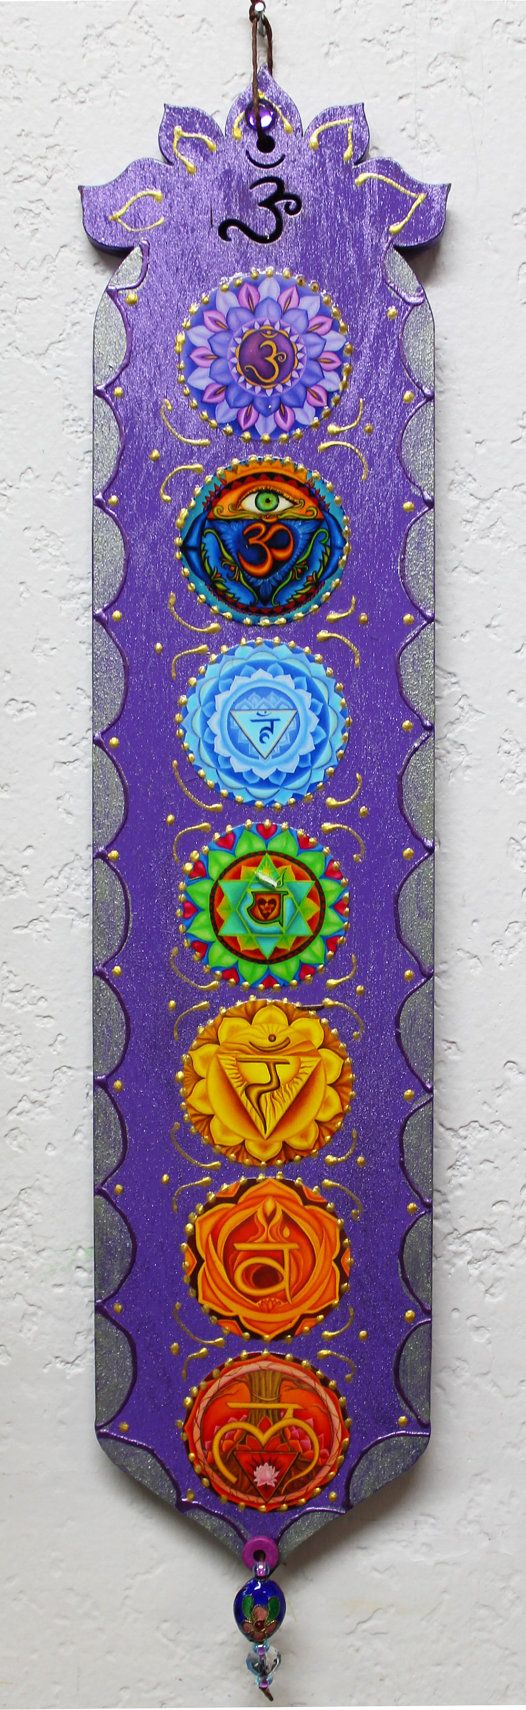 ૐ Chakras ૐ Placa de Meditación Chakra Zen Yoga por LoriFelixArtwork